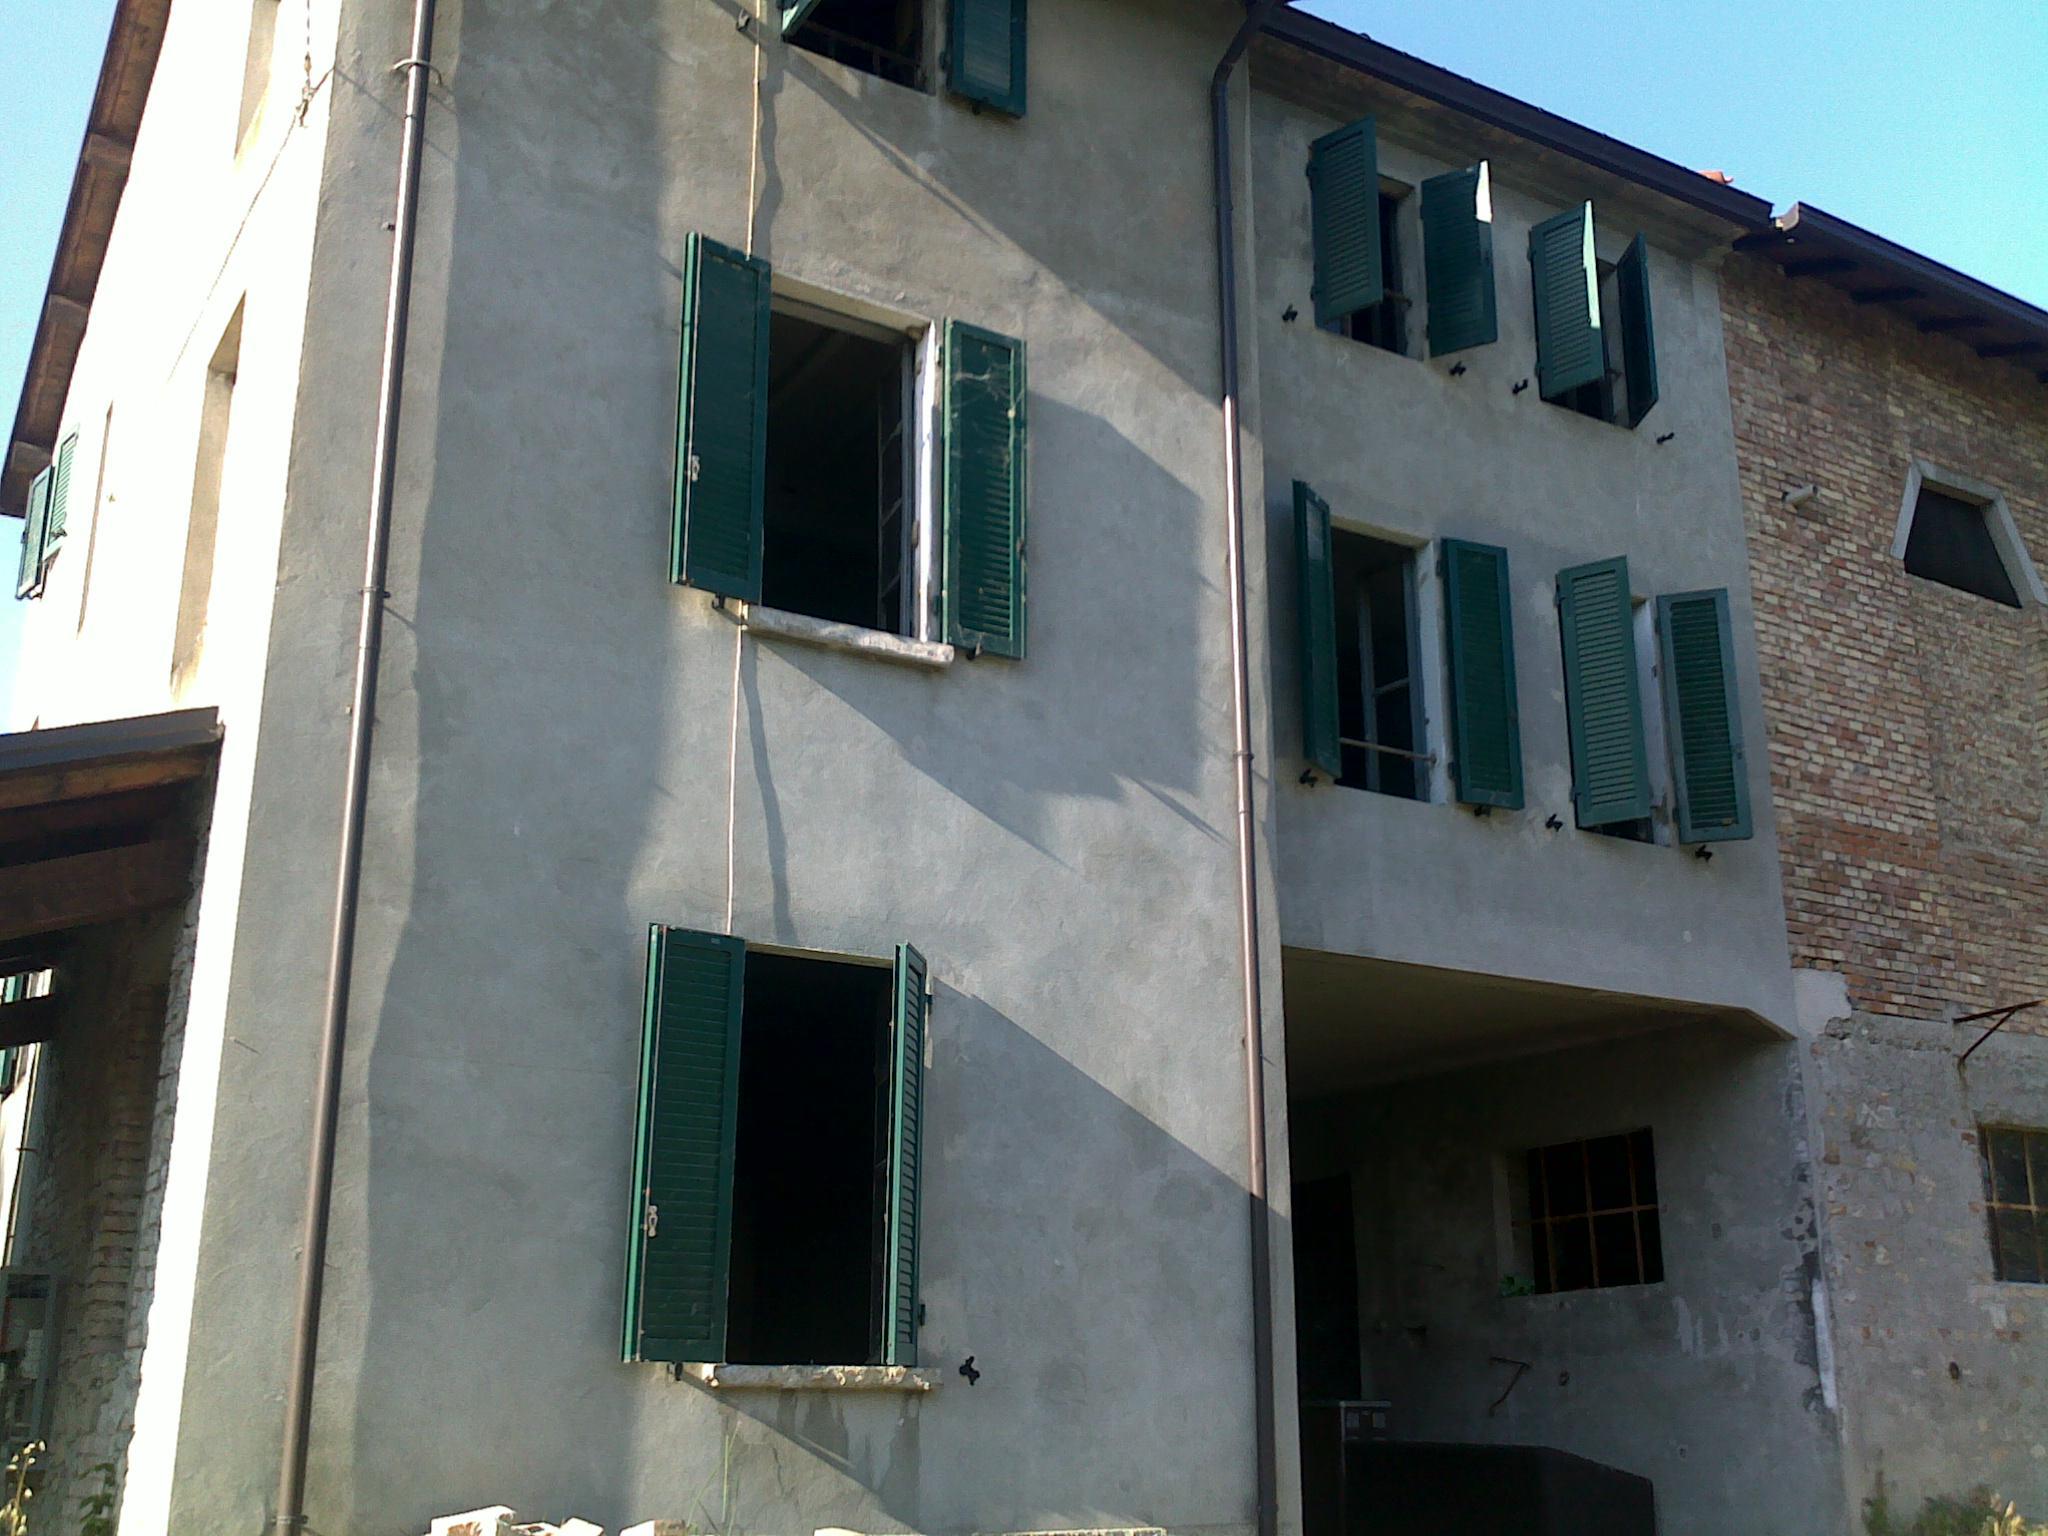 Rustico / Casale in affitto a Varano de' Melegari, 6 locali, Trattative riservate | Cambio Casa.it